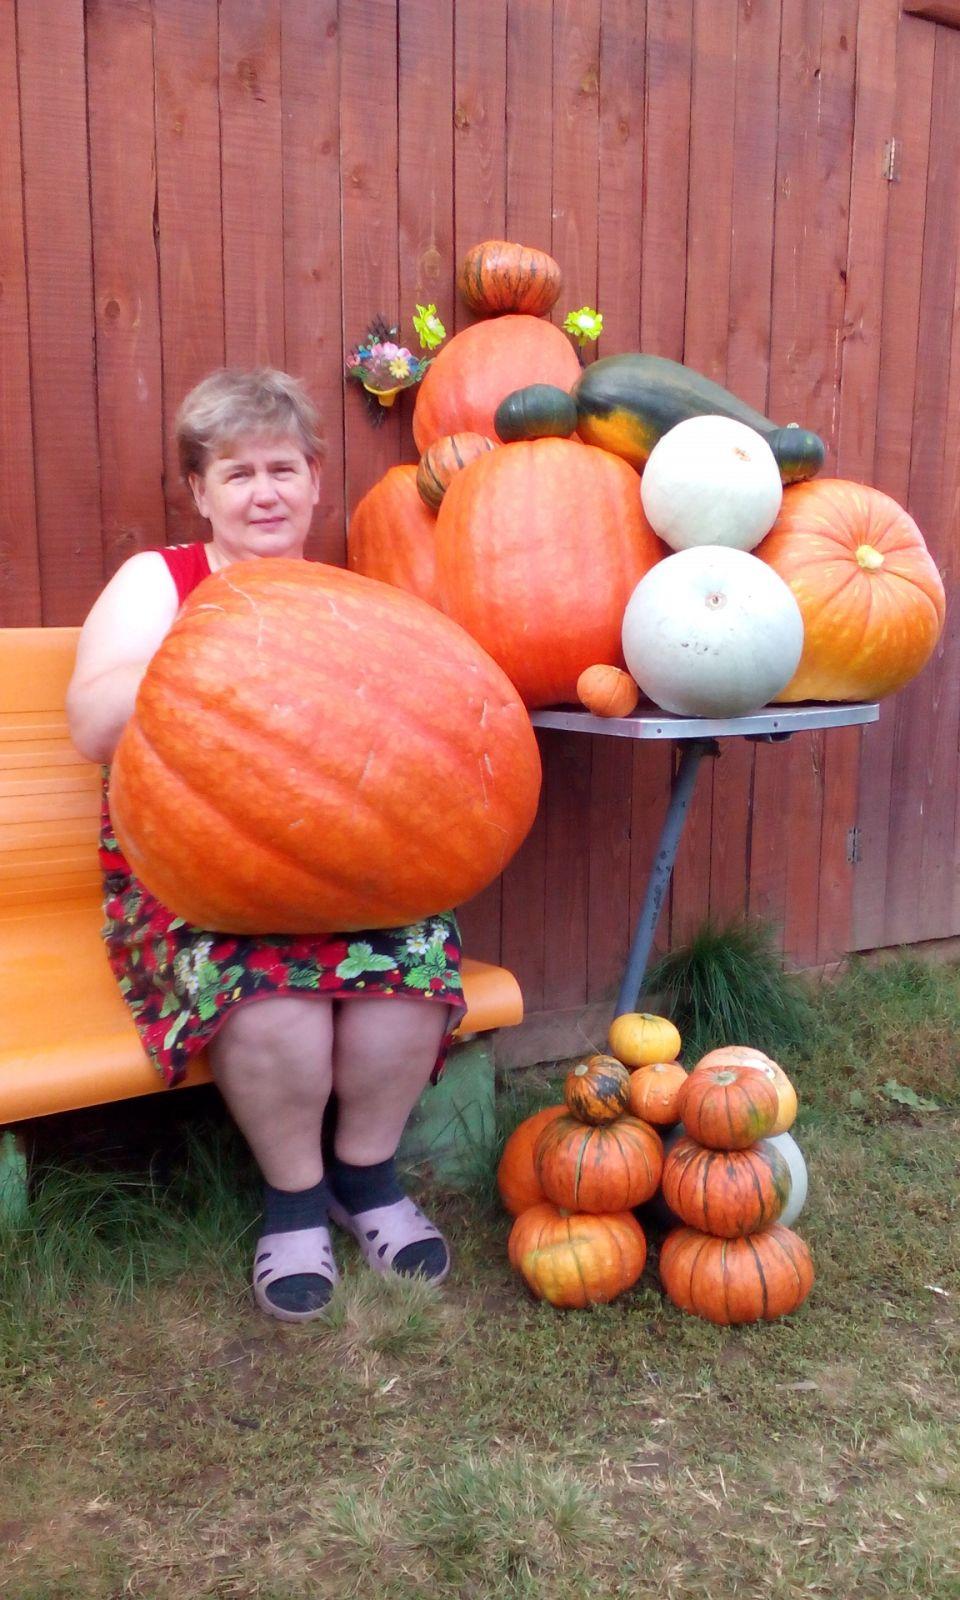 Я, Чернышова Людмила, вырастила такие тыквы. Даже подумать не могли, что такие нарастут. Самая большая весом 26 кг, остальные по 20 и меньше.